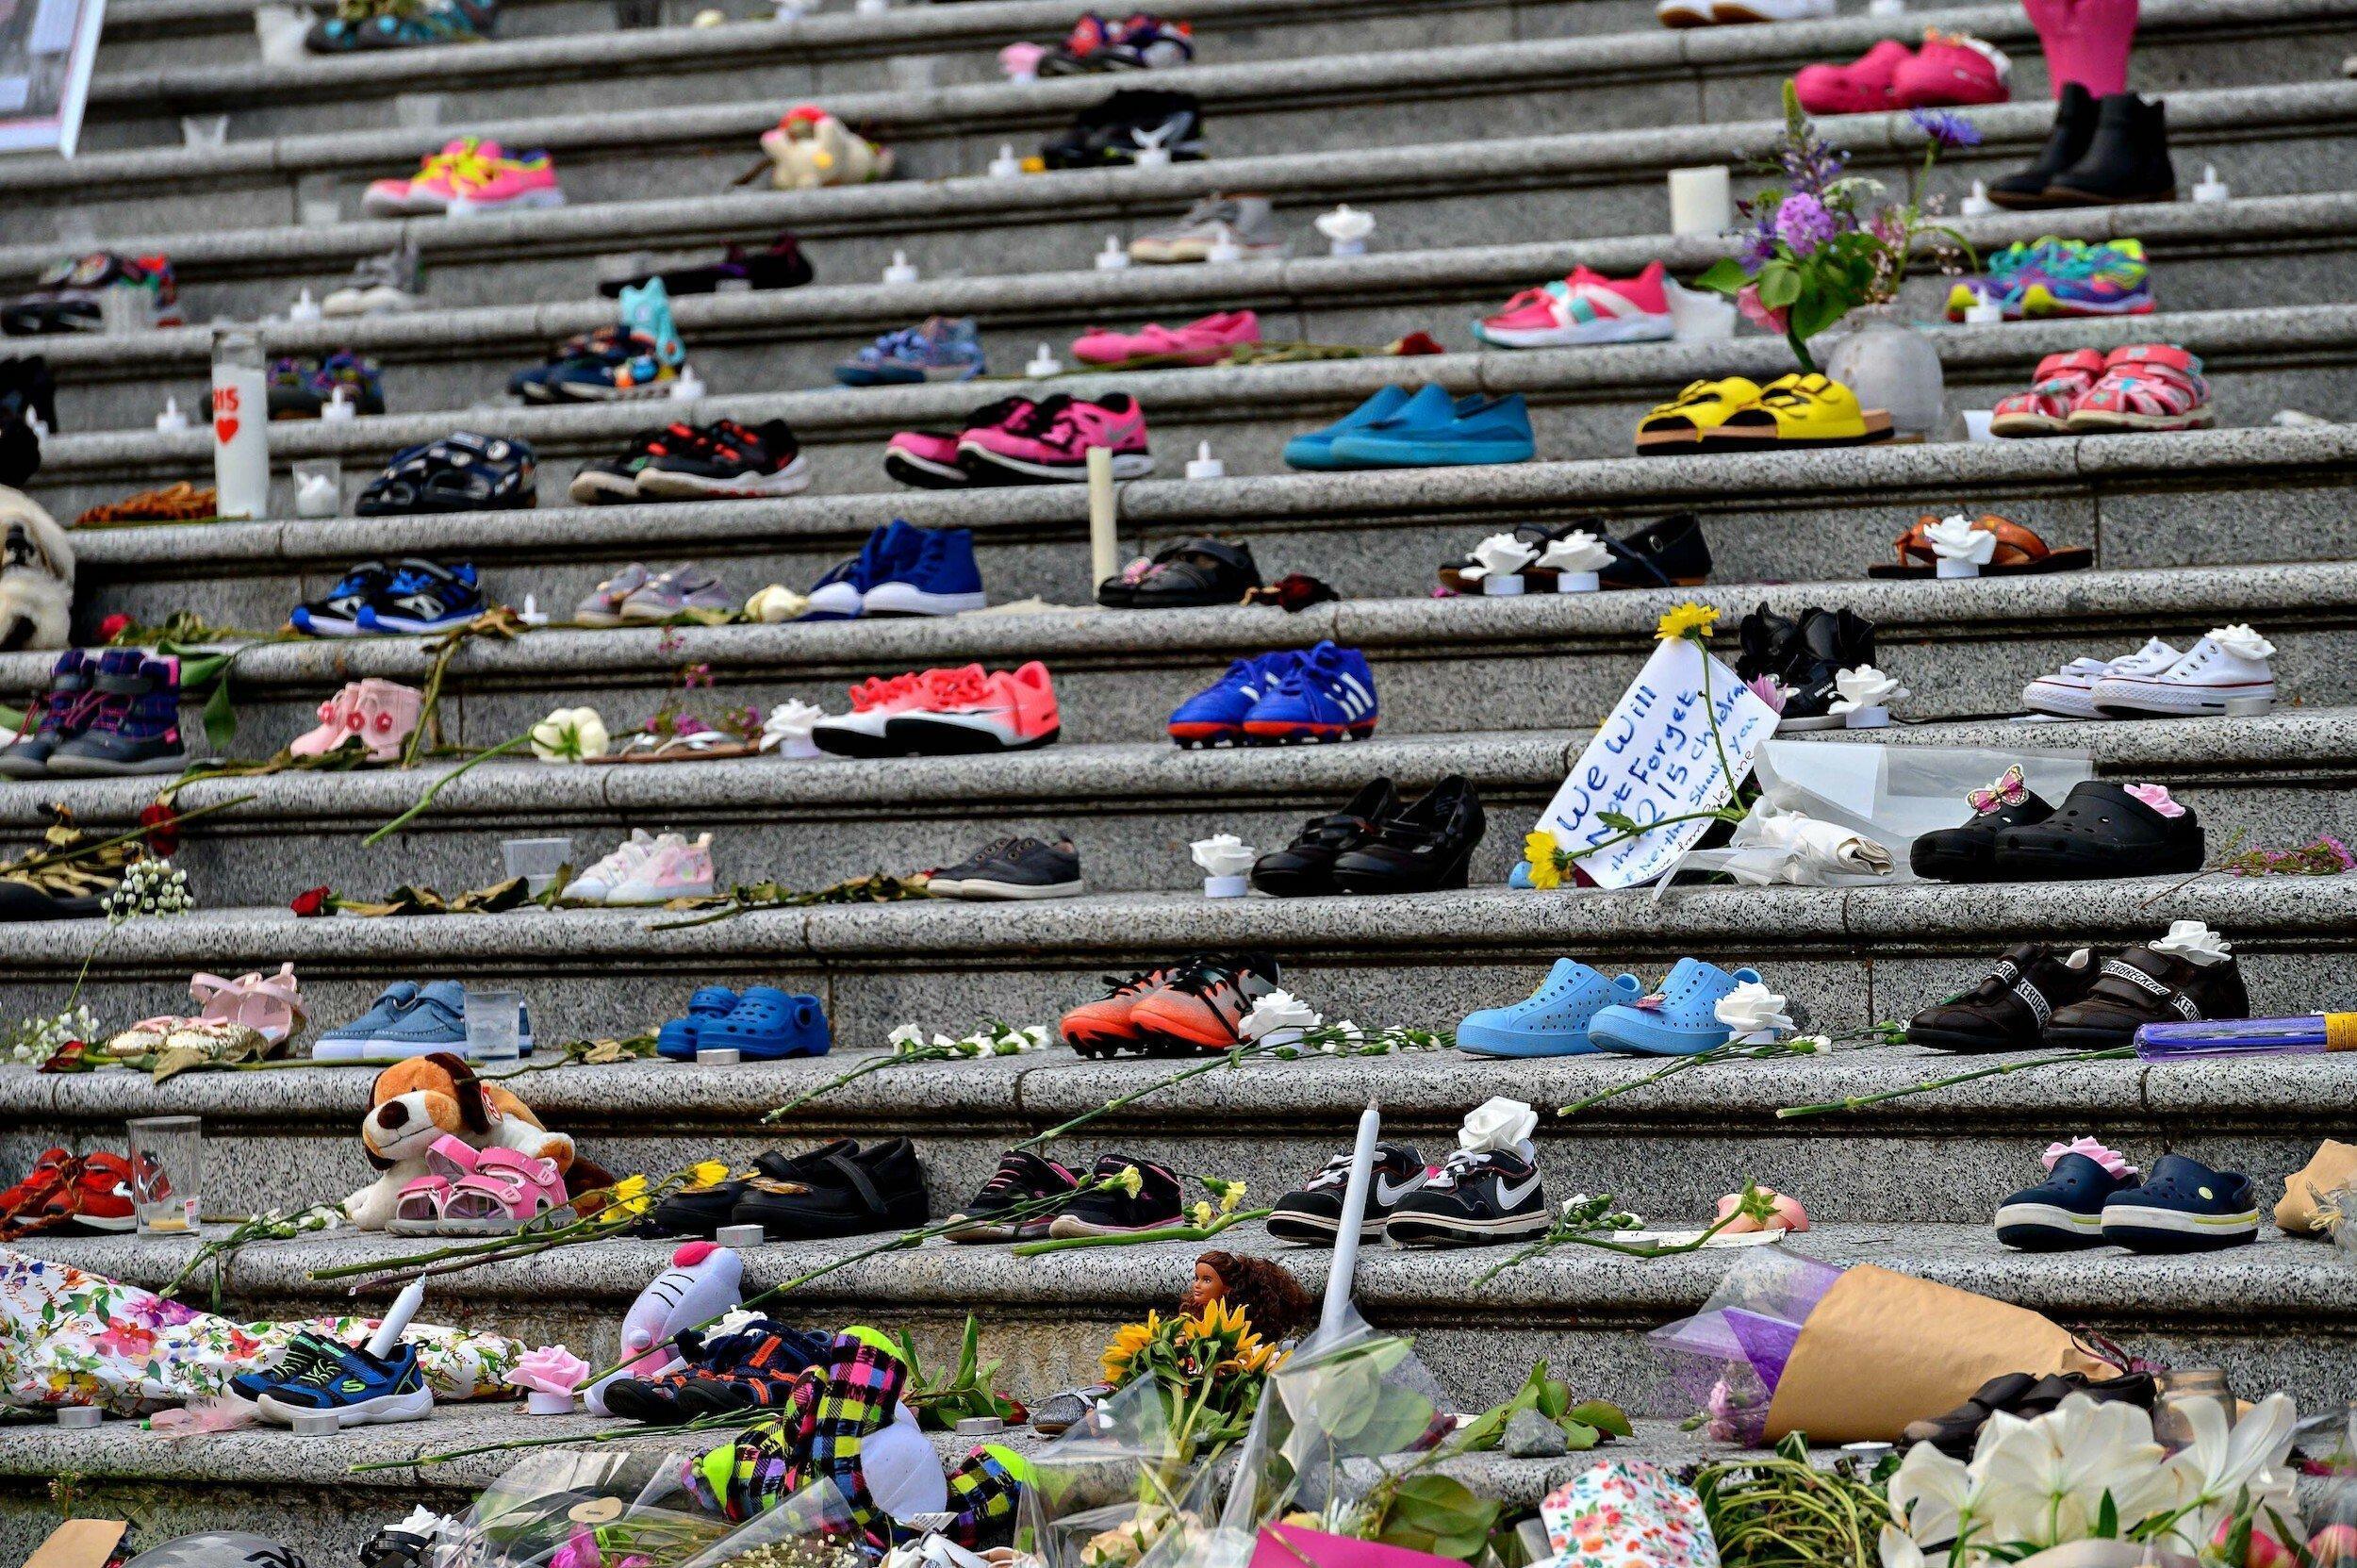 Kinderschuhe stehen zum Protest auf den Stufen des Museums